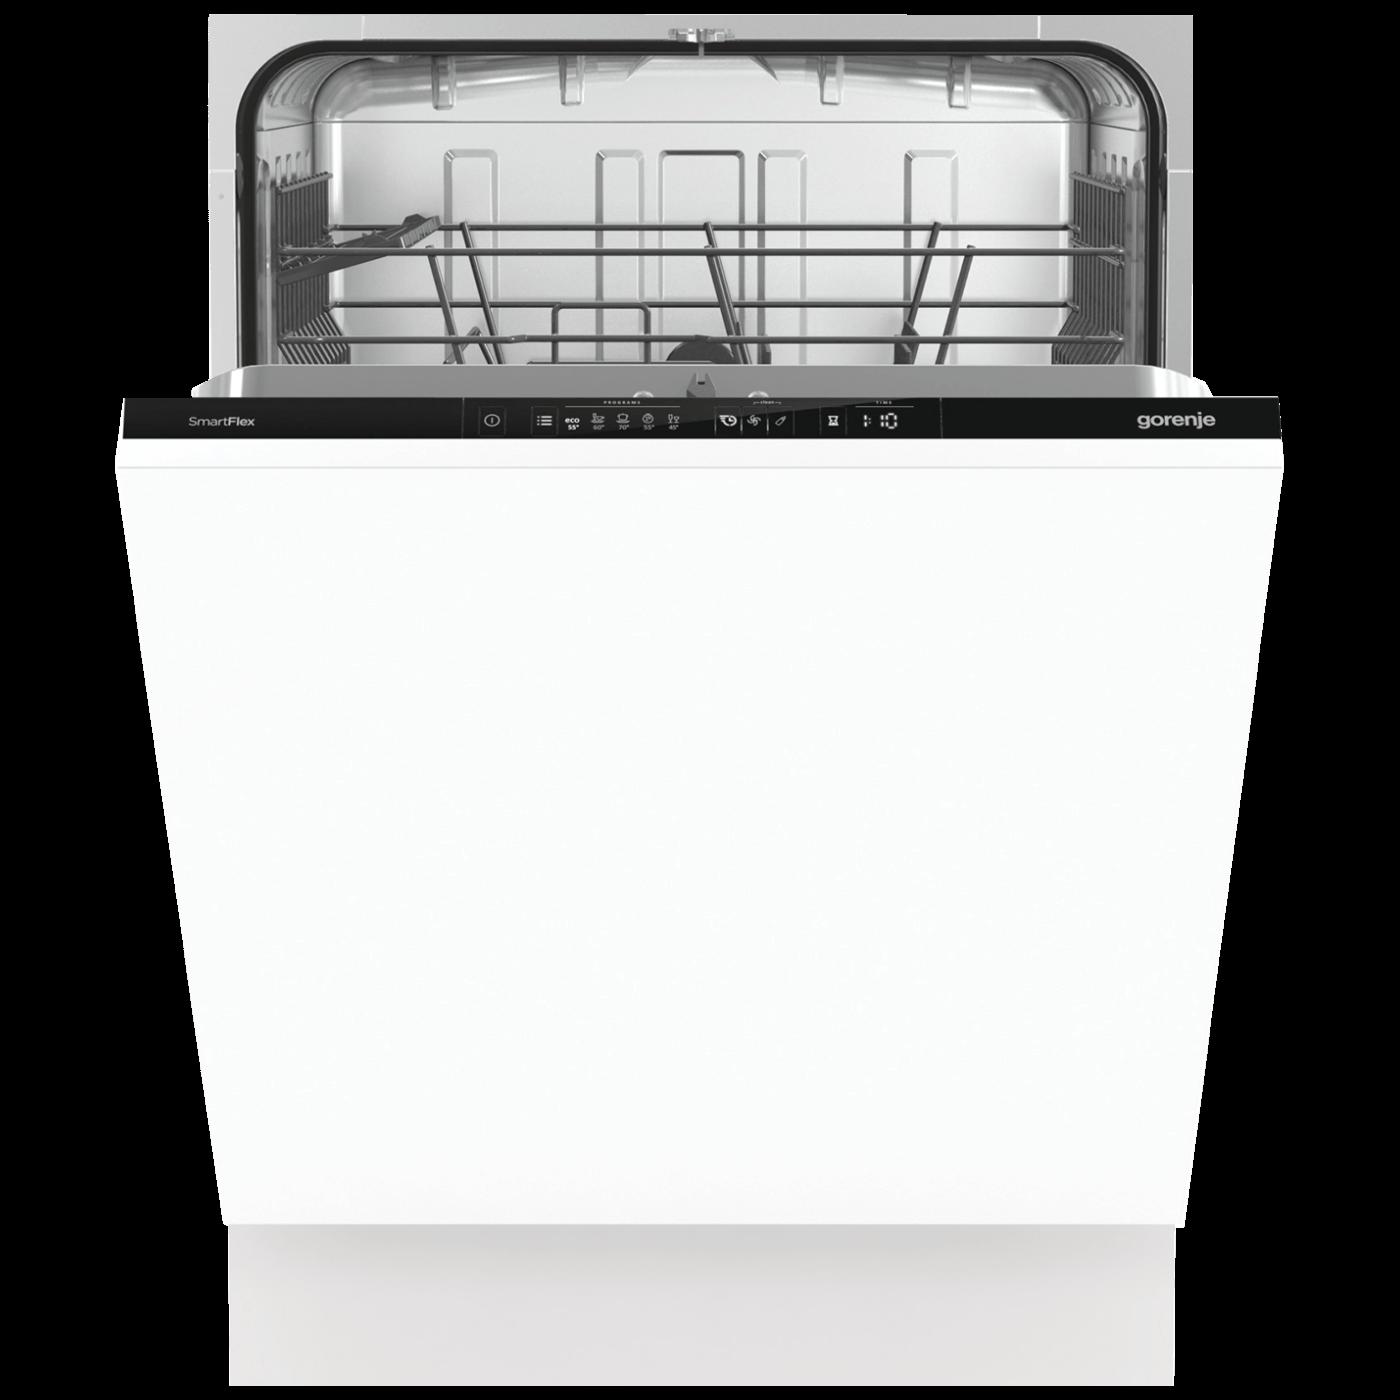 Ugradbena  mašina za suđe, 13 setova, 3 programa, A+